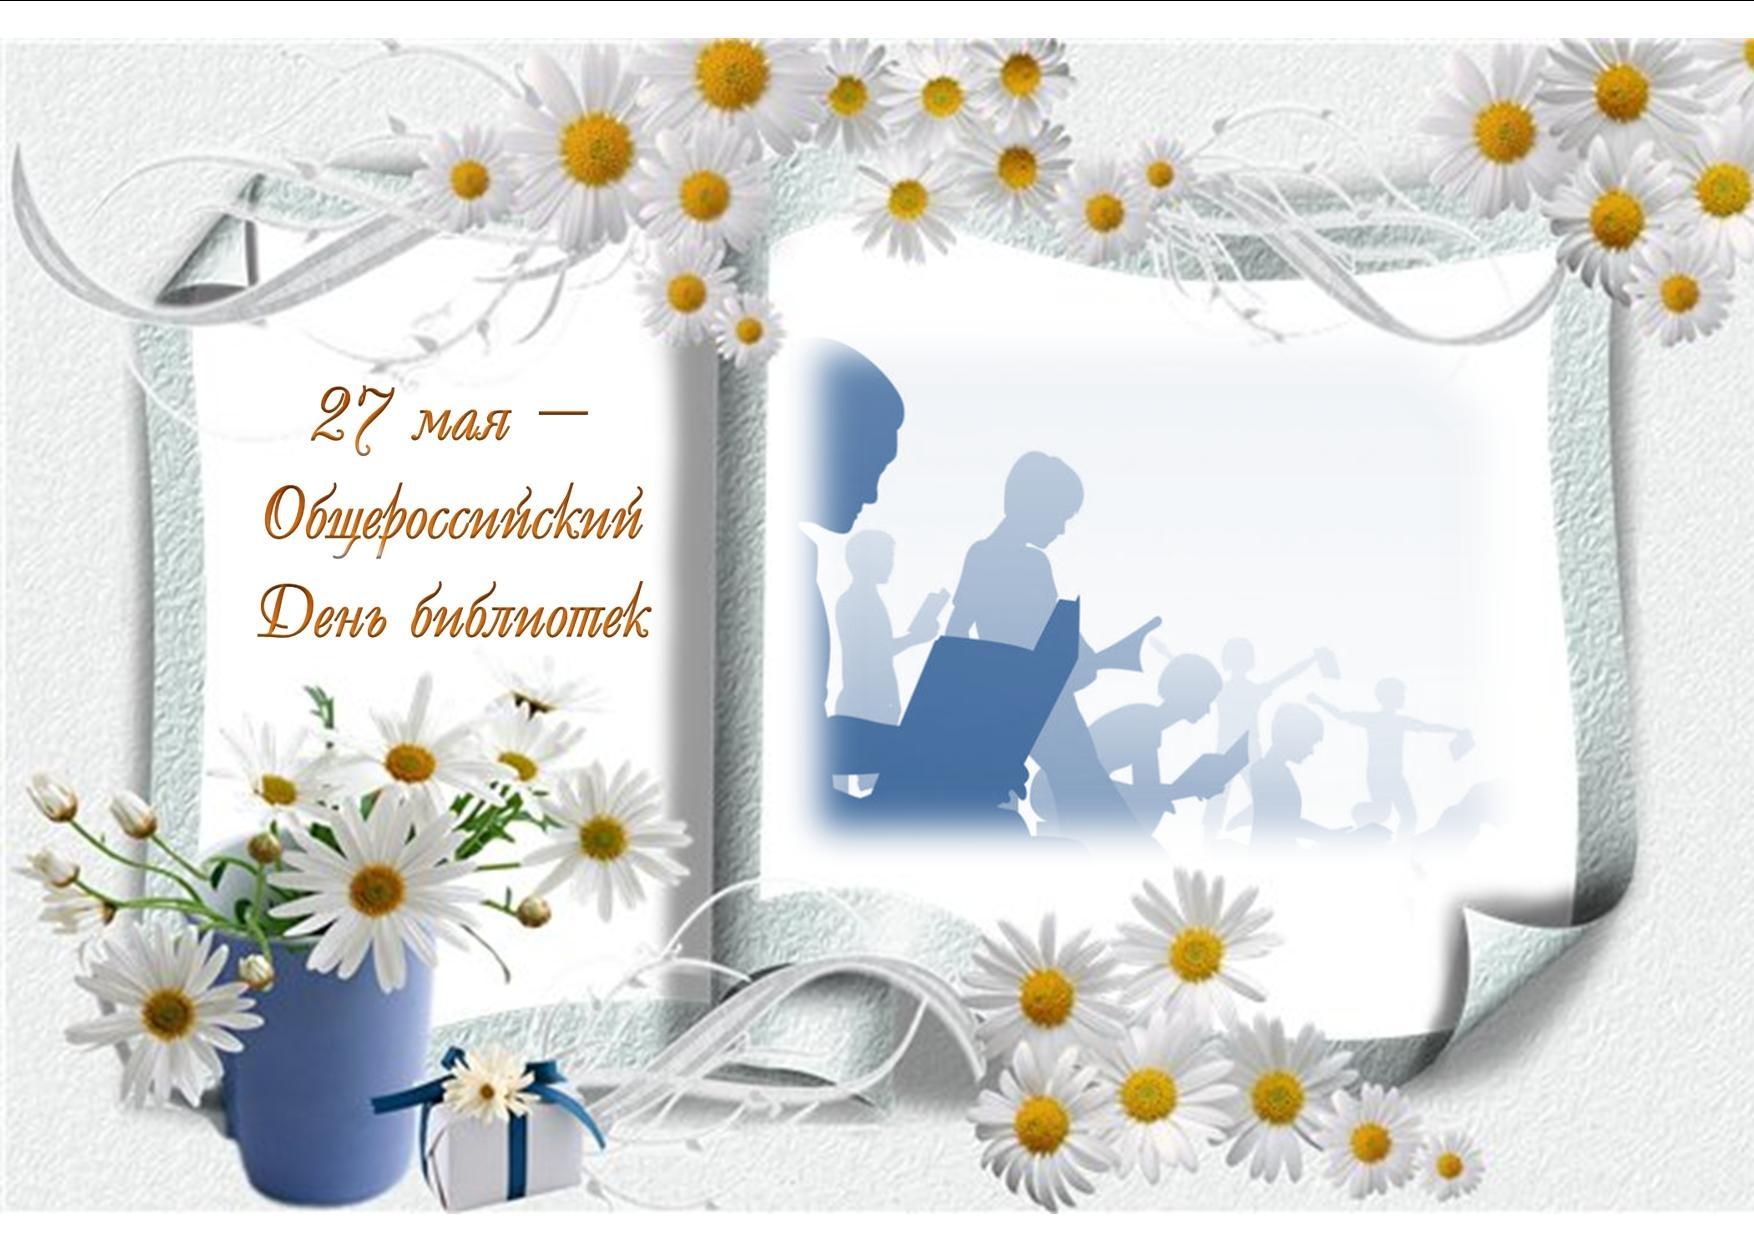 27 мая С днем библиотек! С общероссийским праздником вас!